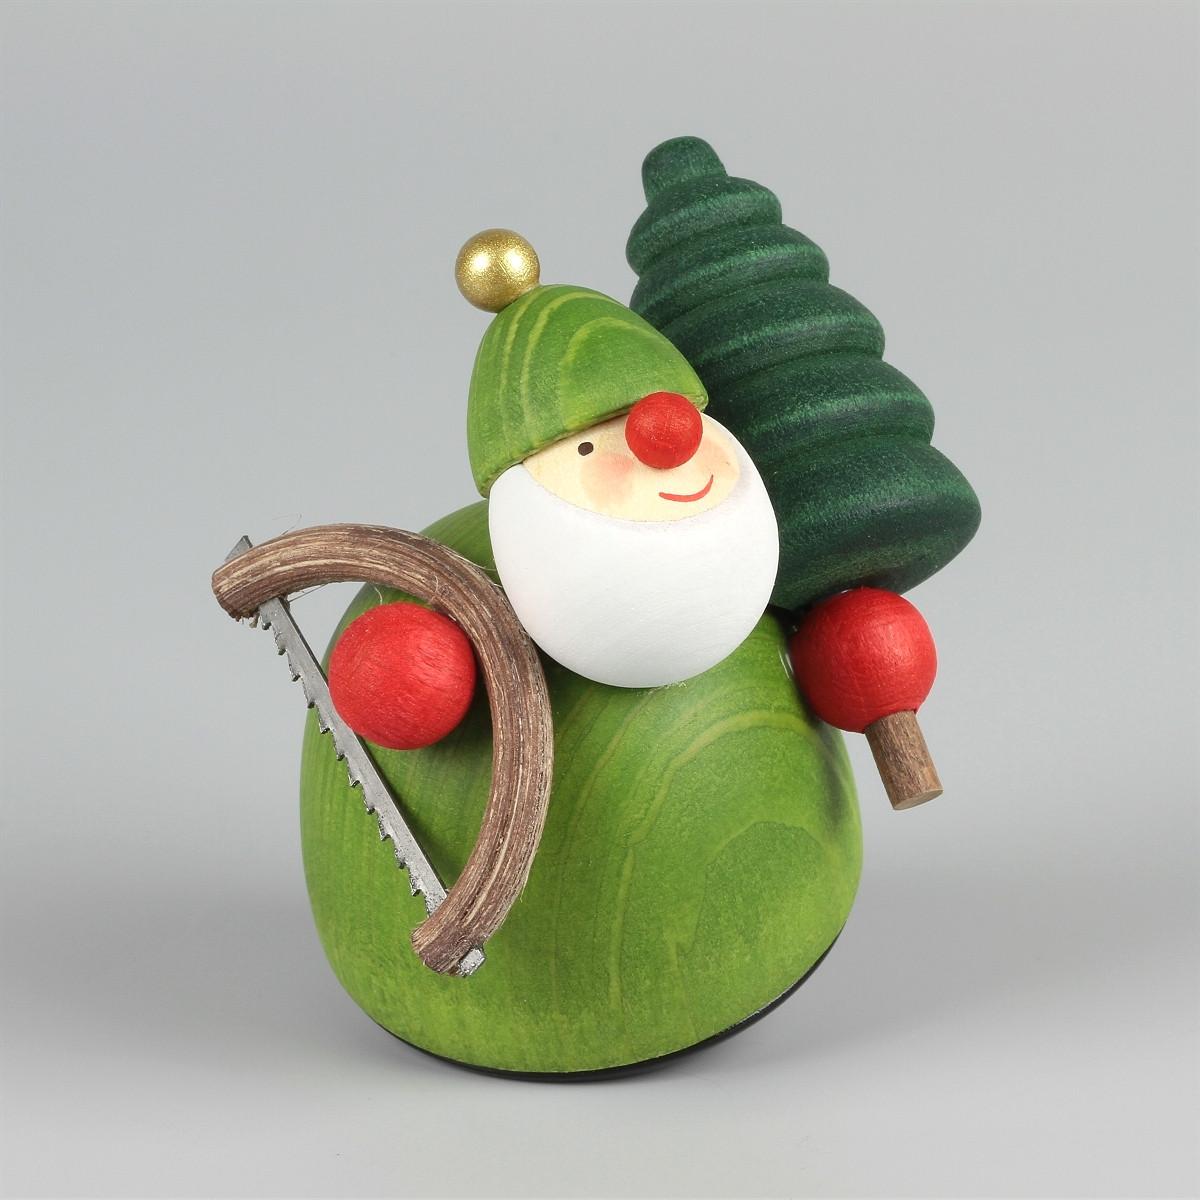 dekofigur picus mit weihnachtsbaum und s ge erzgebirgskunst drechsel. Black Bedroom Furniture Sets. Home Design Ideas